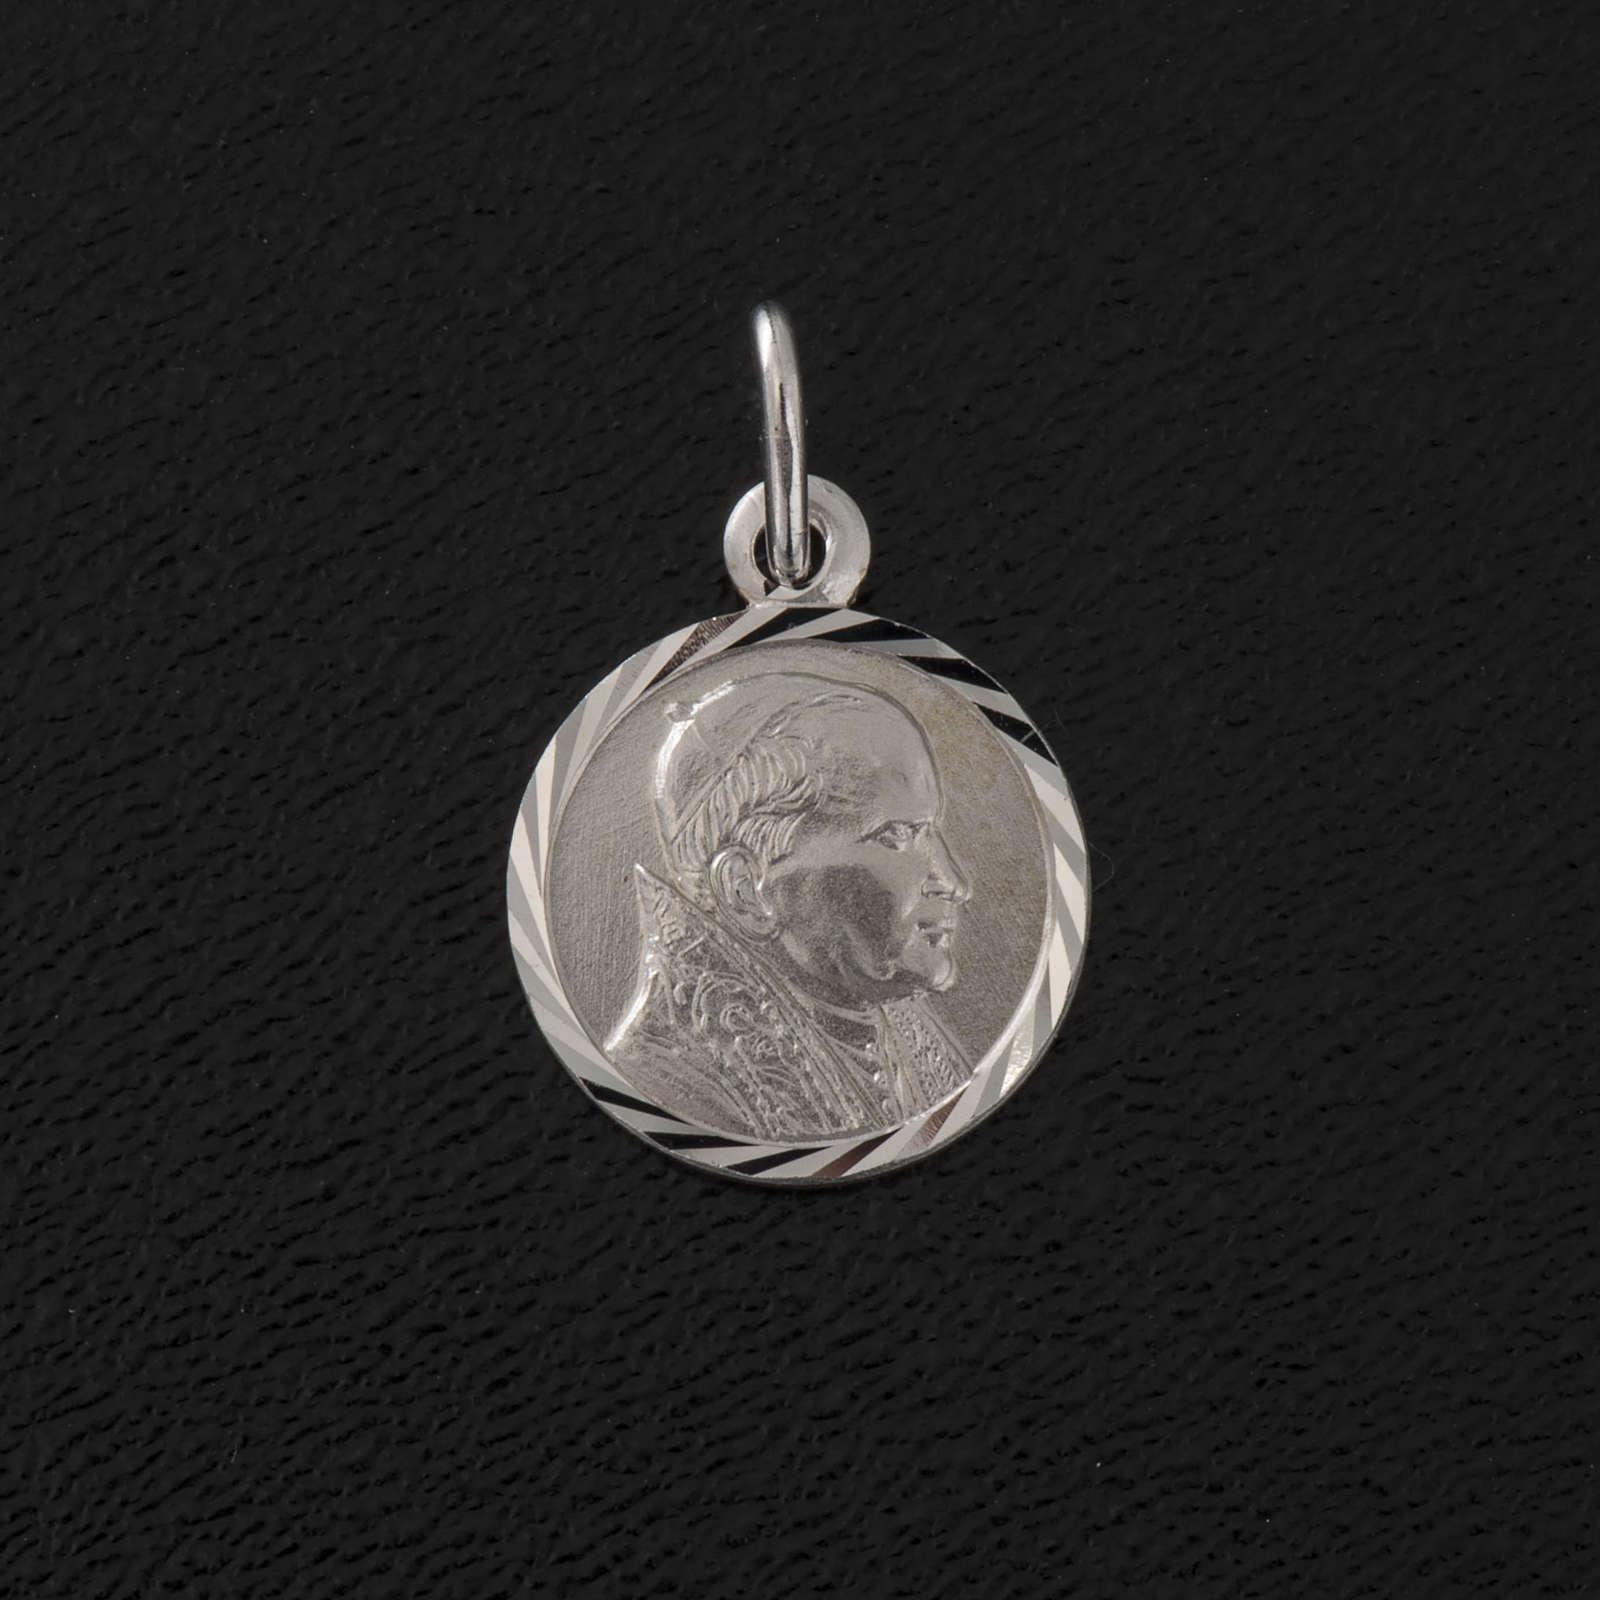 Medaglia Giovanni Paolo II argento 925 diam. 1 cm 4